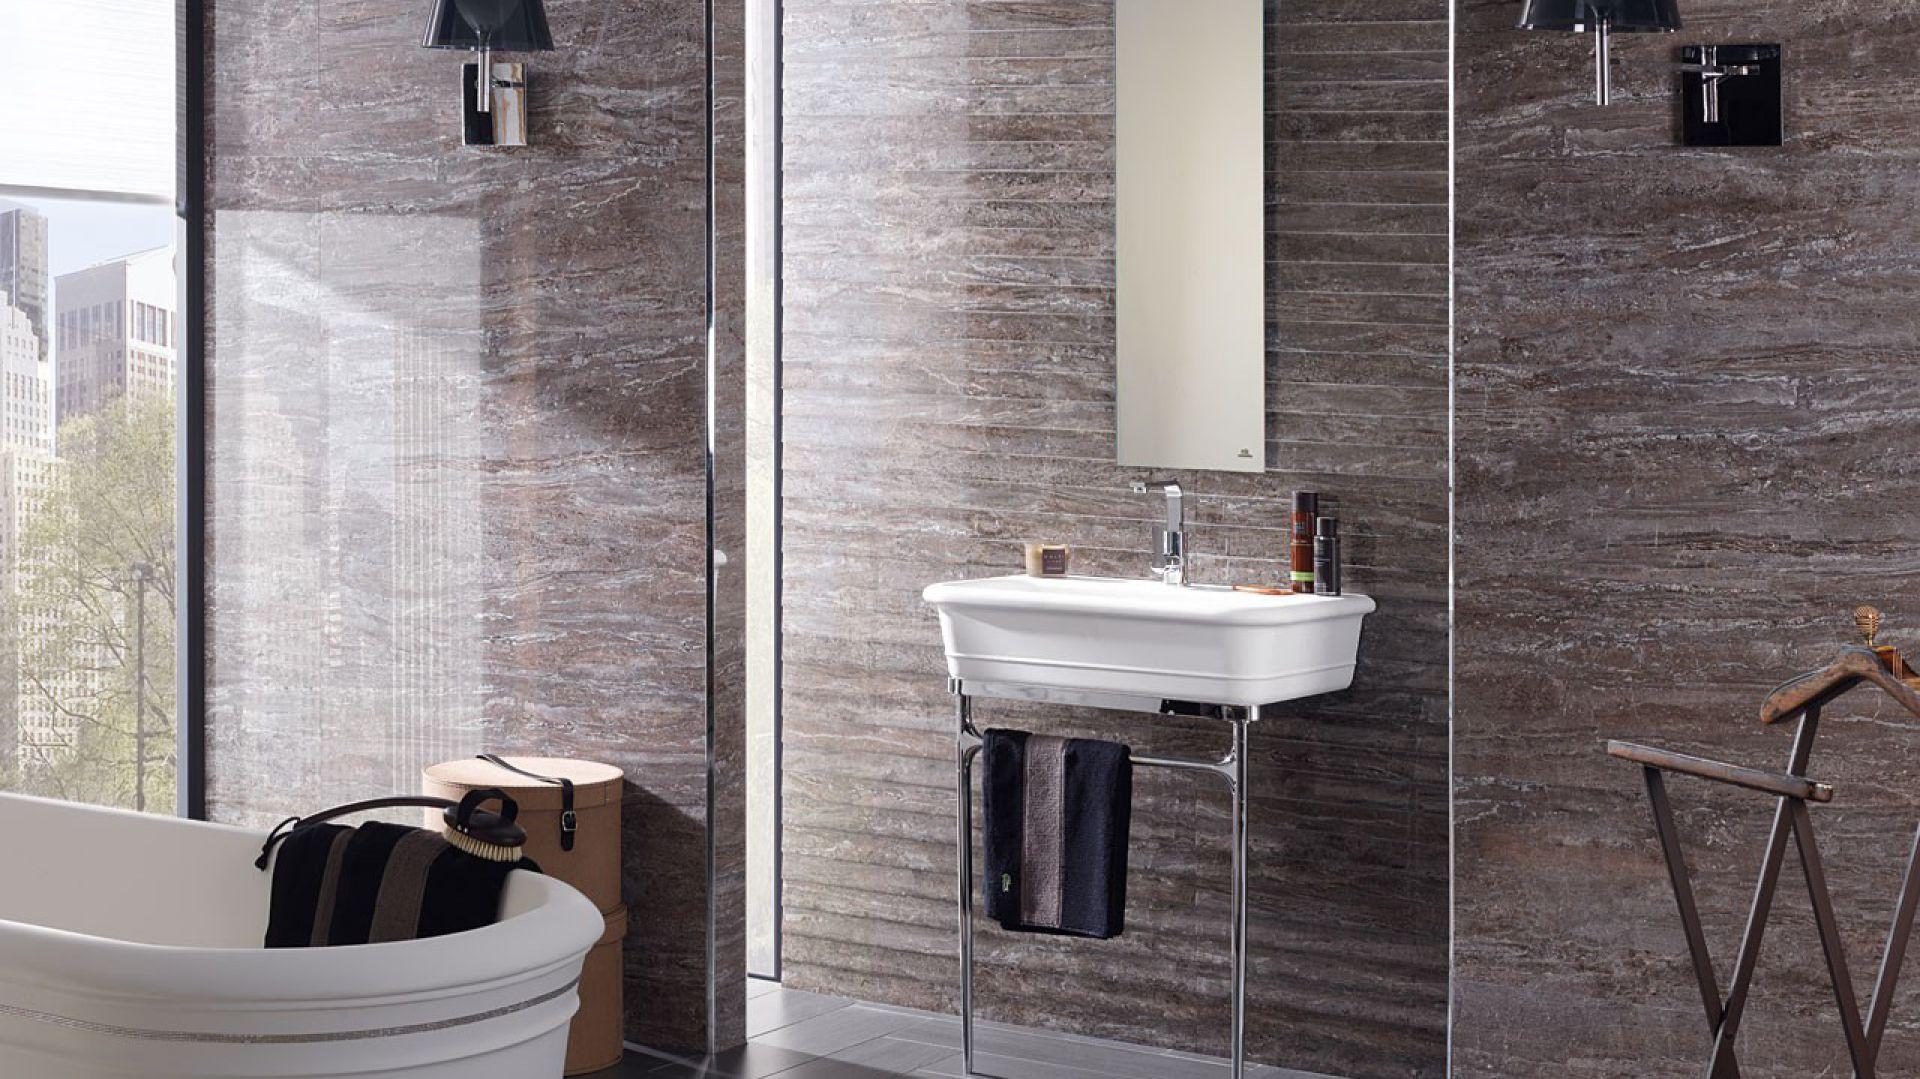 Revestimiento porcelanosa p ytki do azienki modny for Lumiere chauffante pour salle de bain